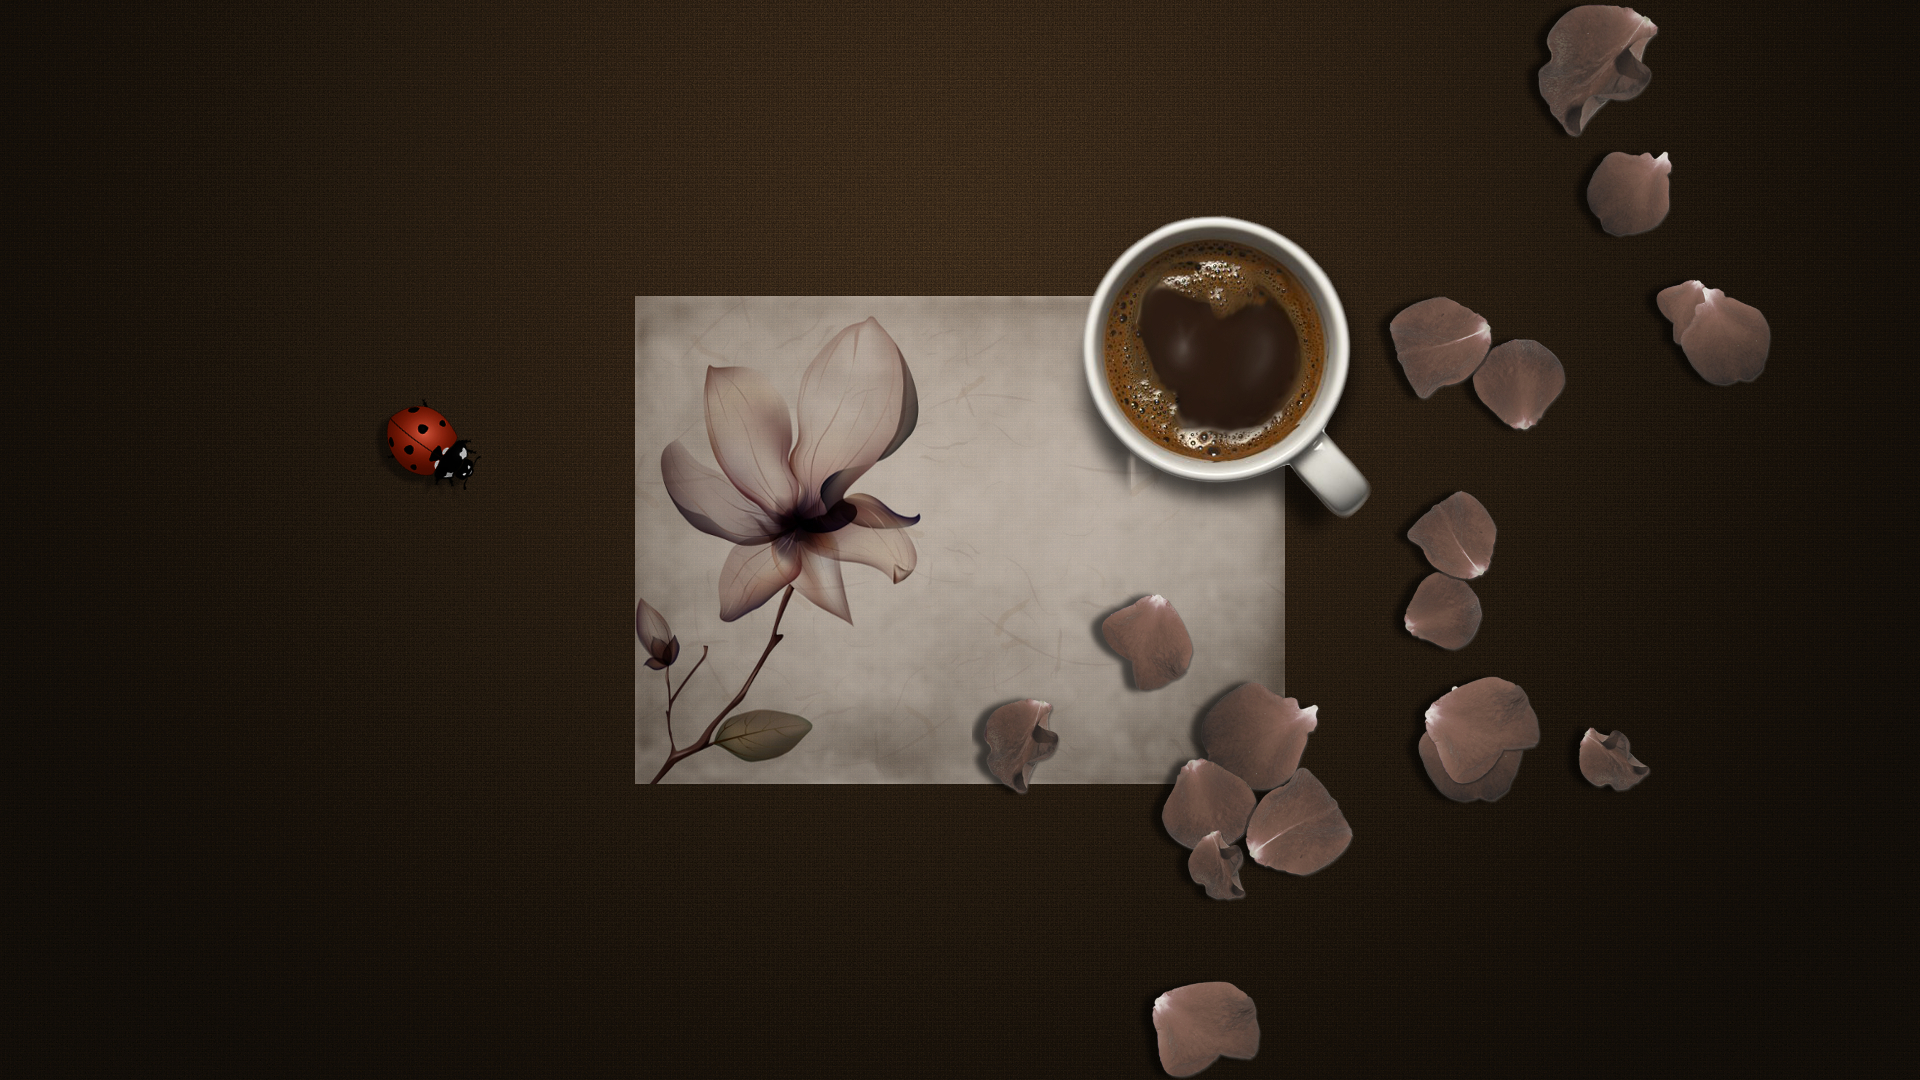 кофе мышь компьютерная чашка черная  № 2175154 бесплатно